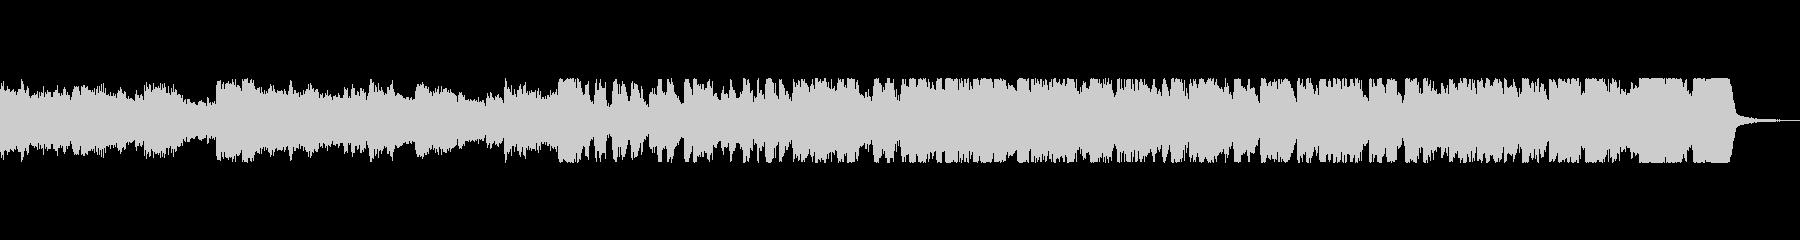 ピアノによるアップテンポジャズの未再生の波形